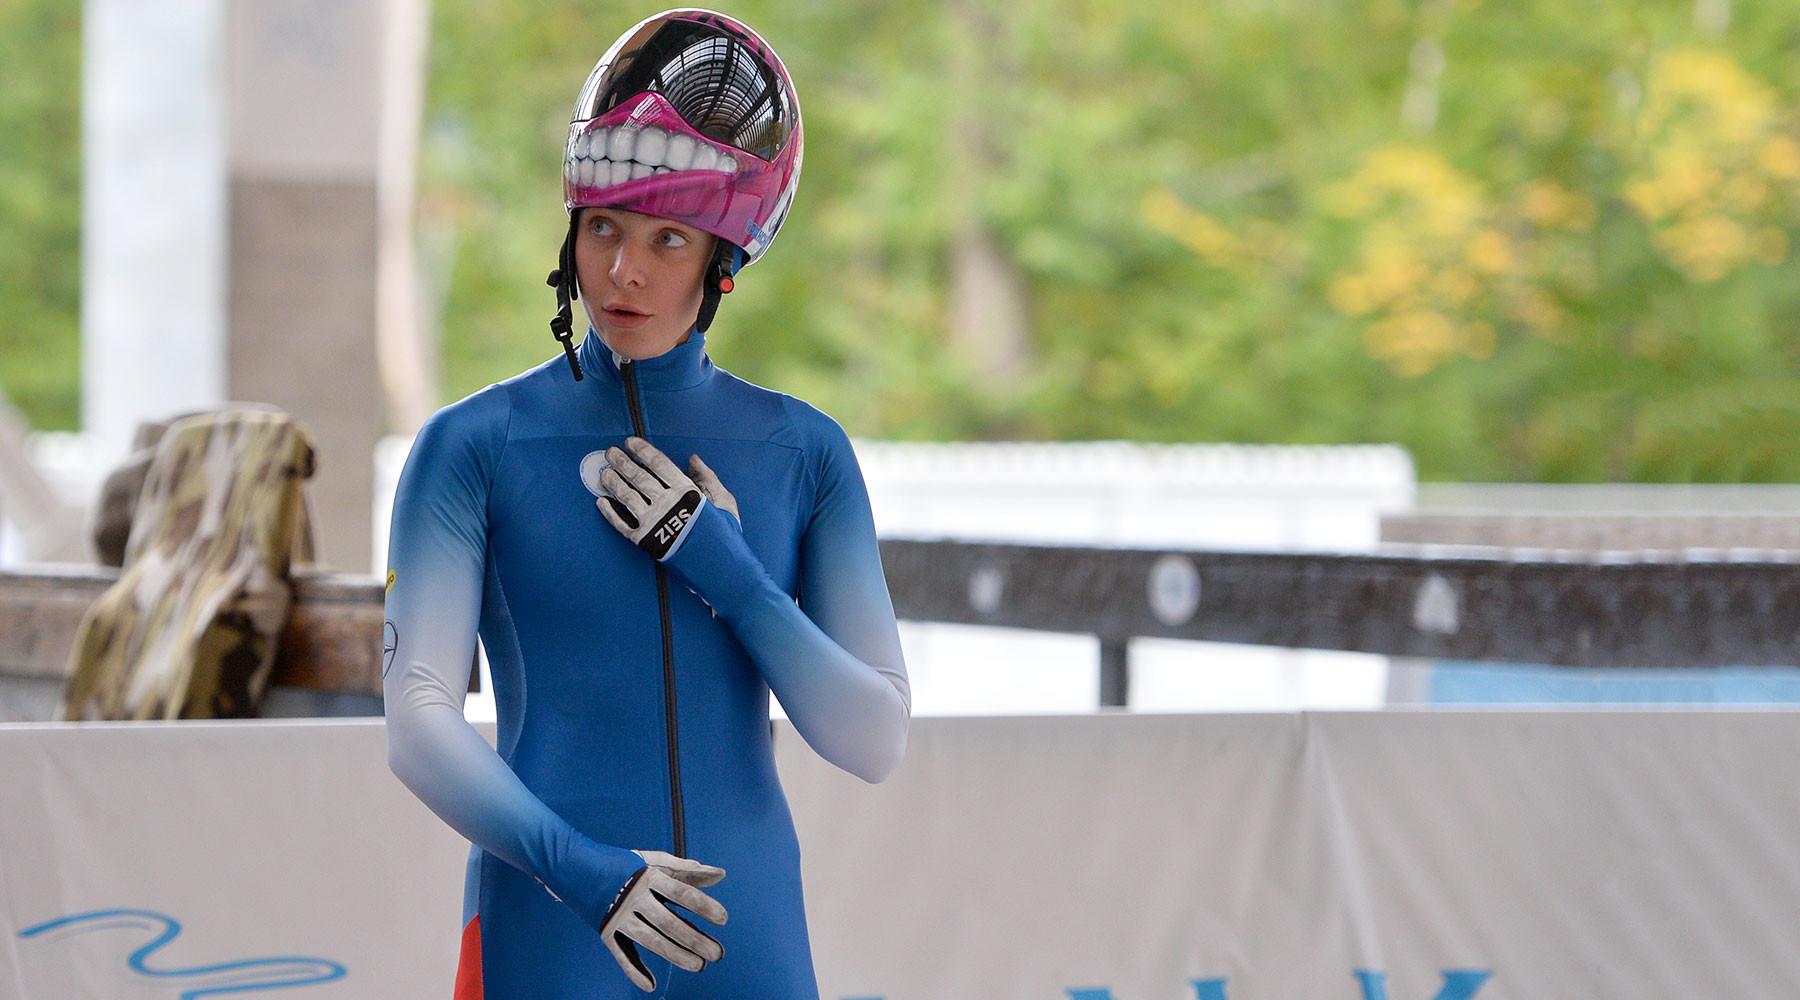 Что думают отстранённые и допущенные на Олимпиаду российские спортсмены